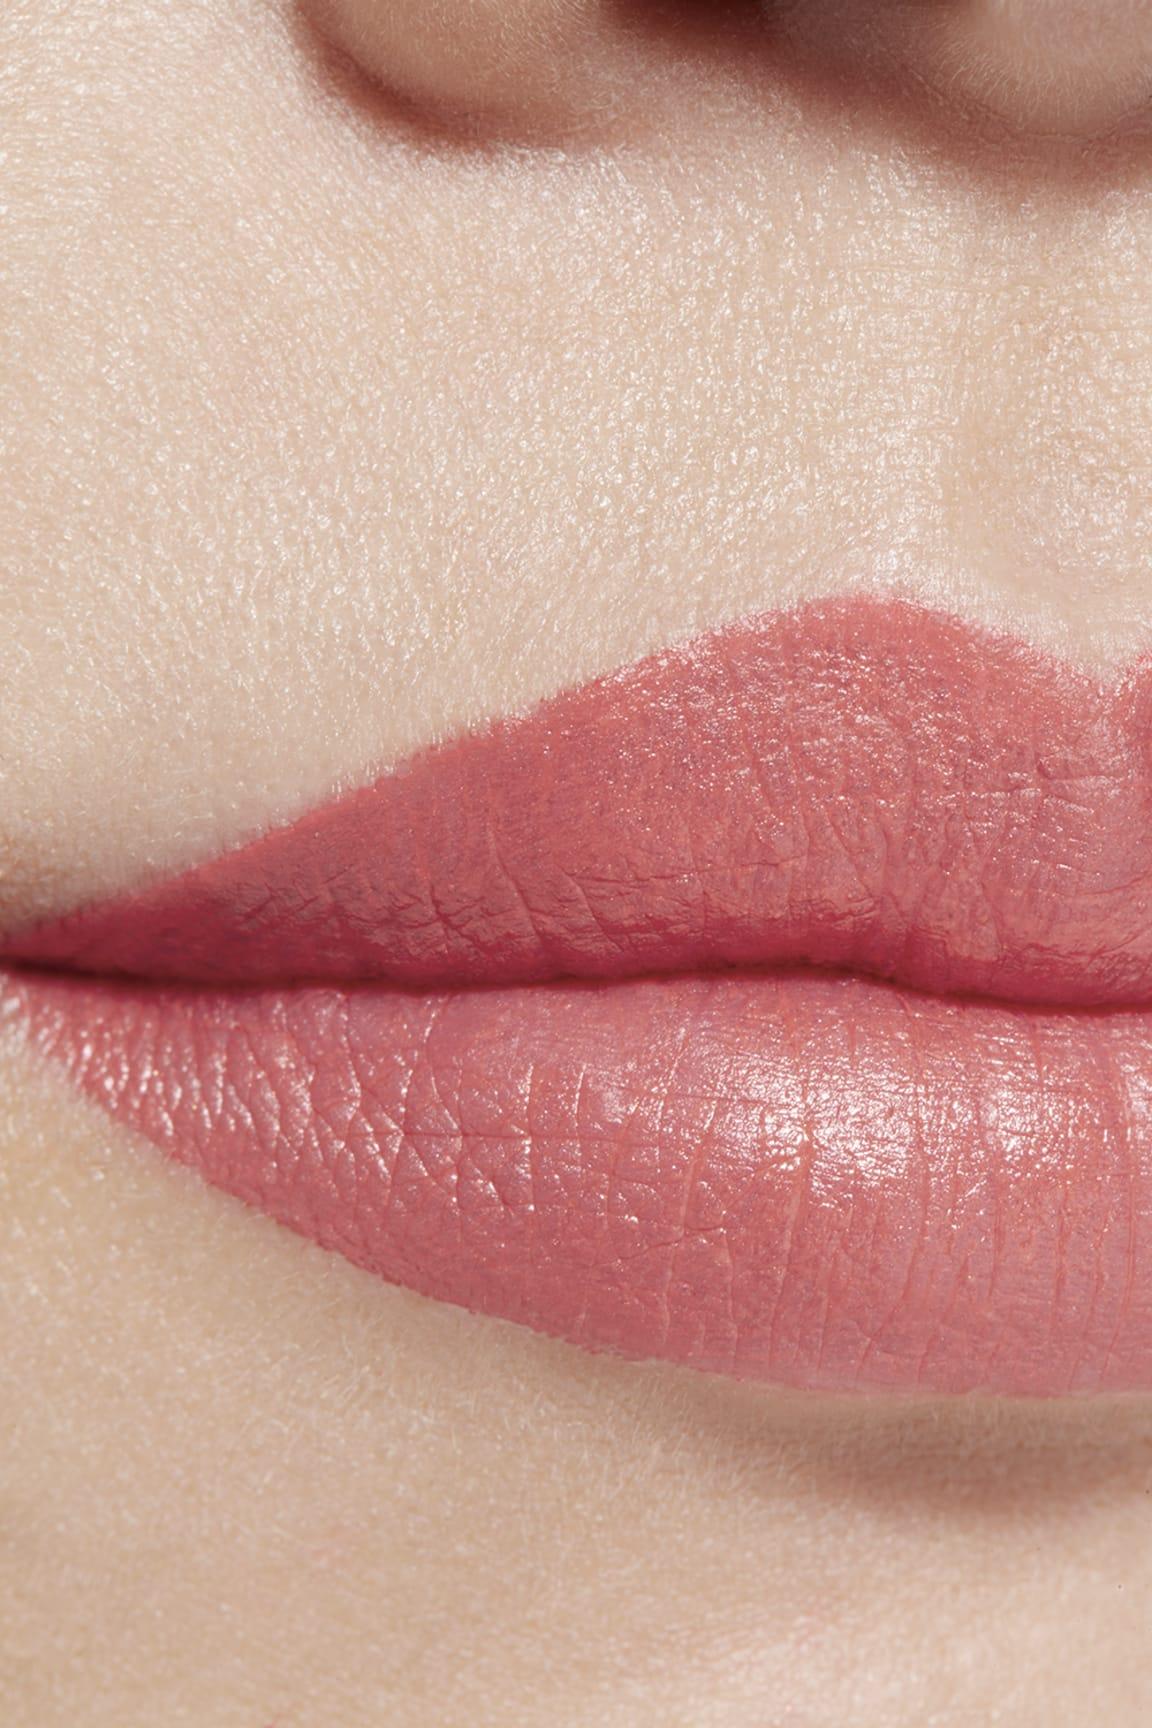 Пример нанесения макияжа 1 - ROUGE ALLURE INK 140 - AMOUREUX